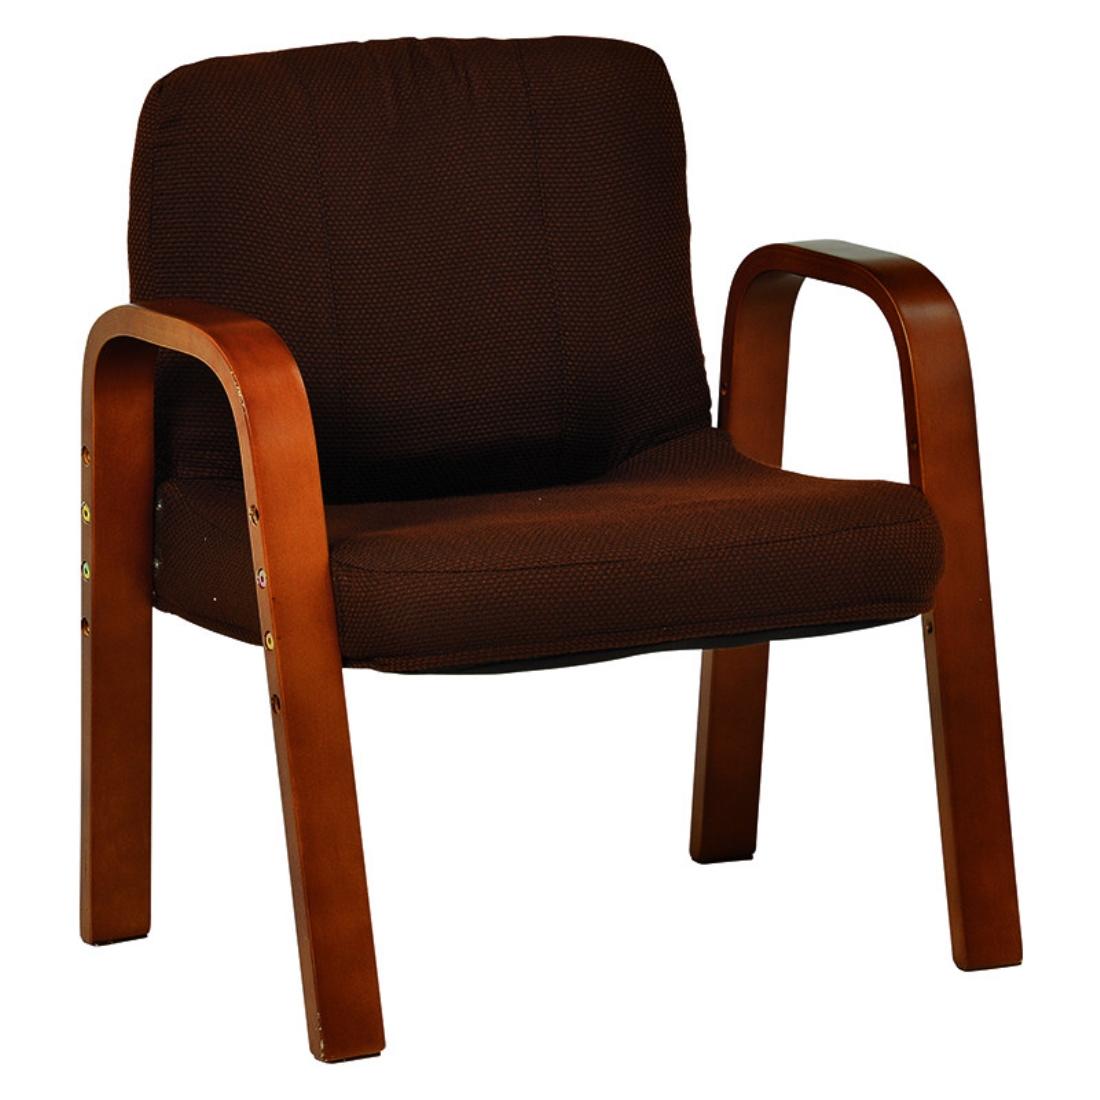 送料無料 オシャレ 家具 座椅子 ソファ 椅子 チェア チェアー